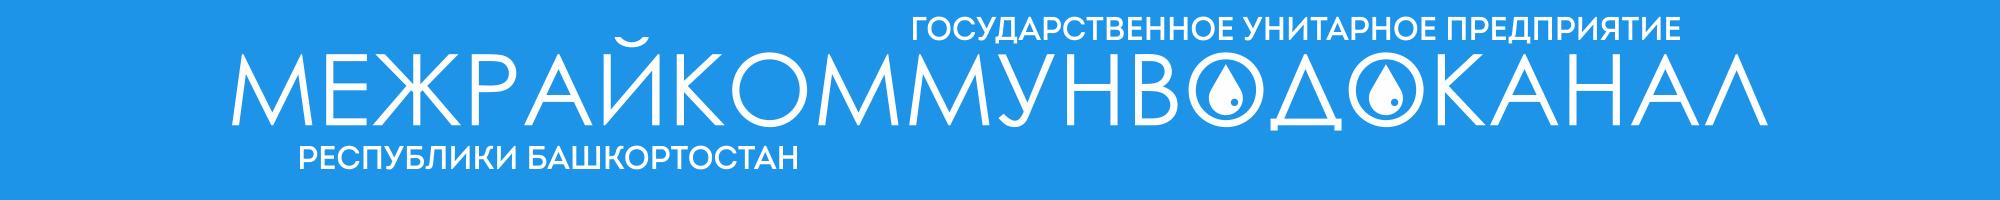 """ГУП РБ """"Межрайкоммунводоканал"""""""